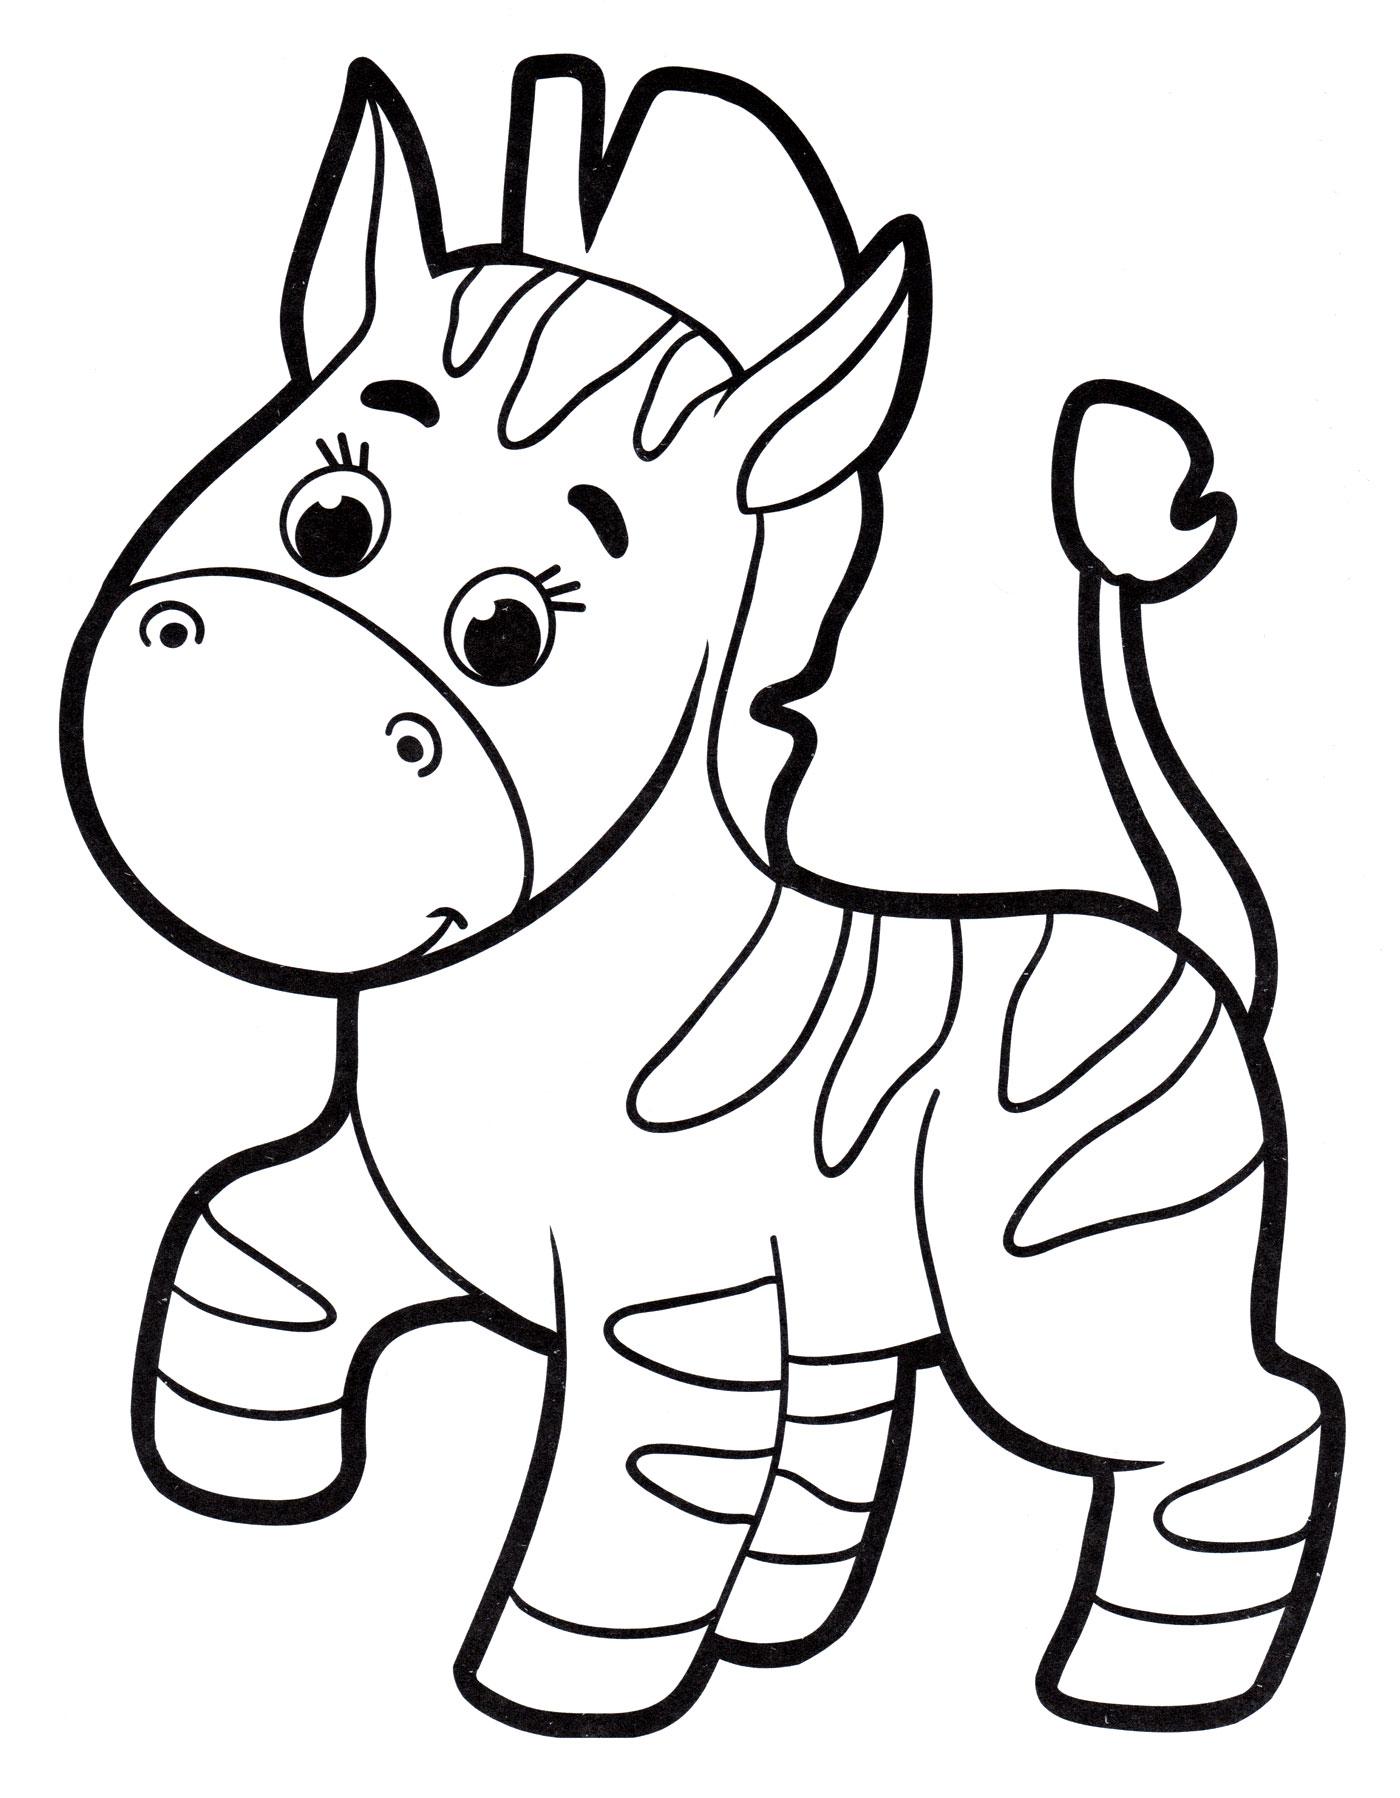 Раскраска Маленькая зебра - распечатать бесплатно